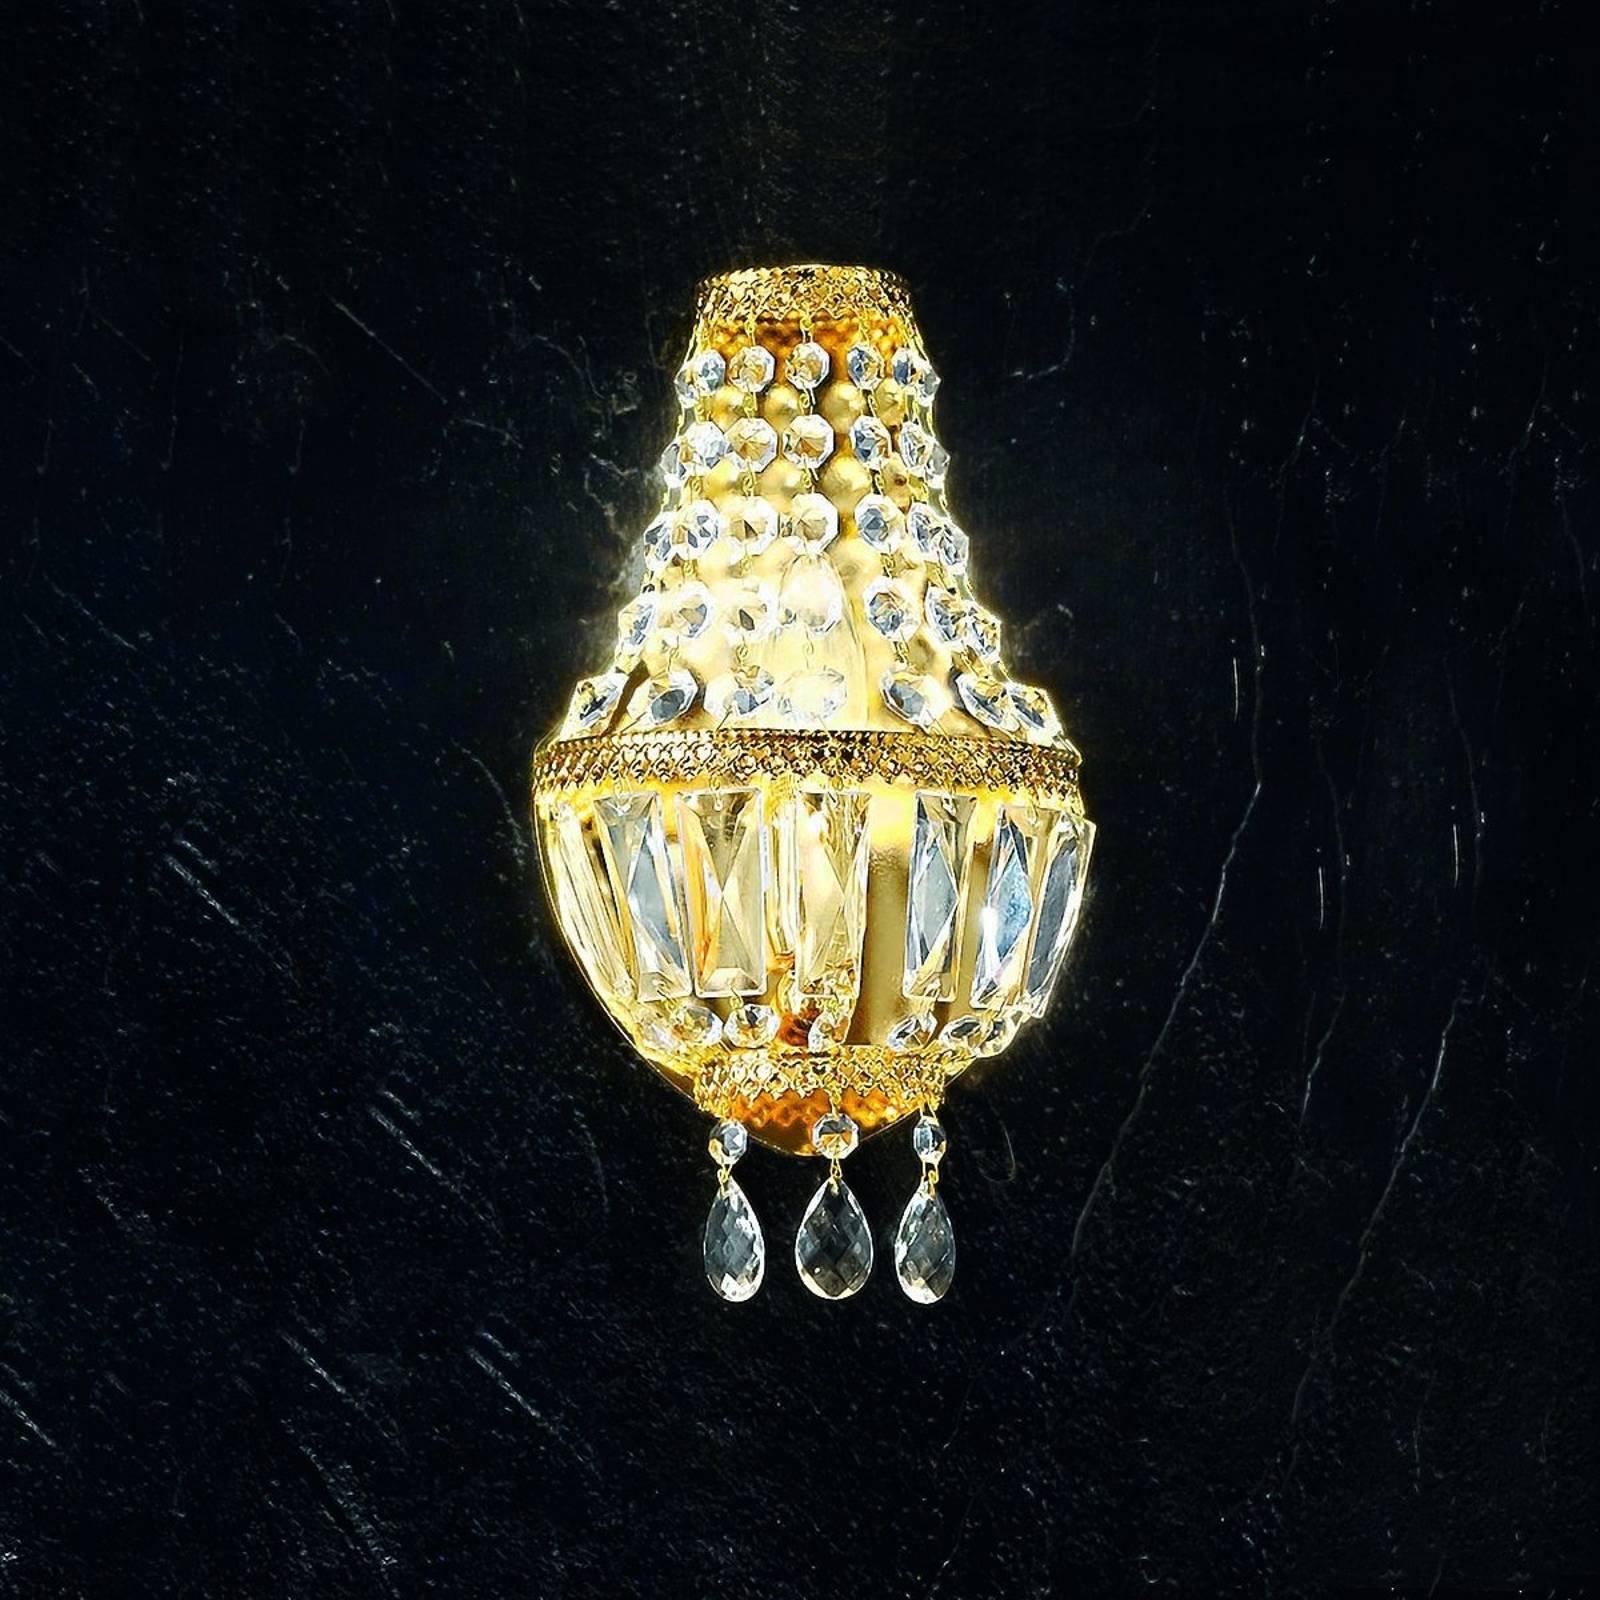 Cupola vegglampe er forgylt med 24 karat gull